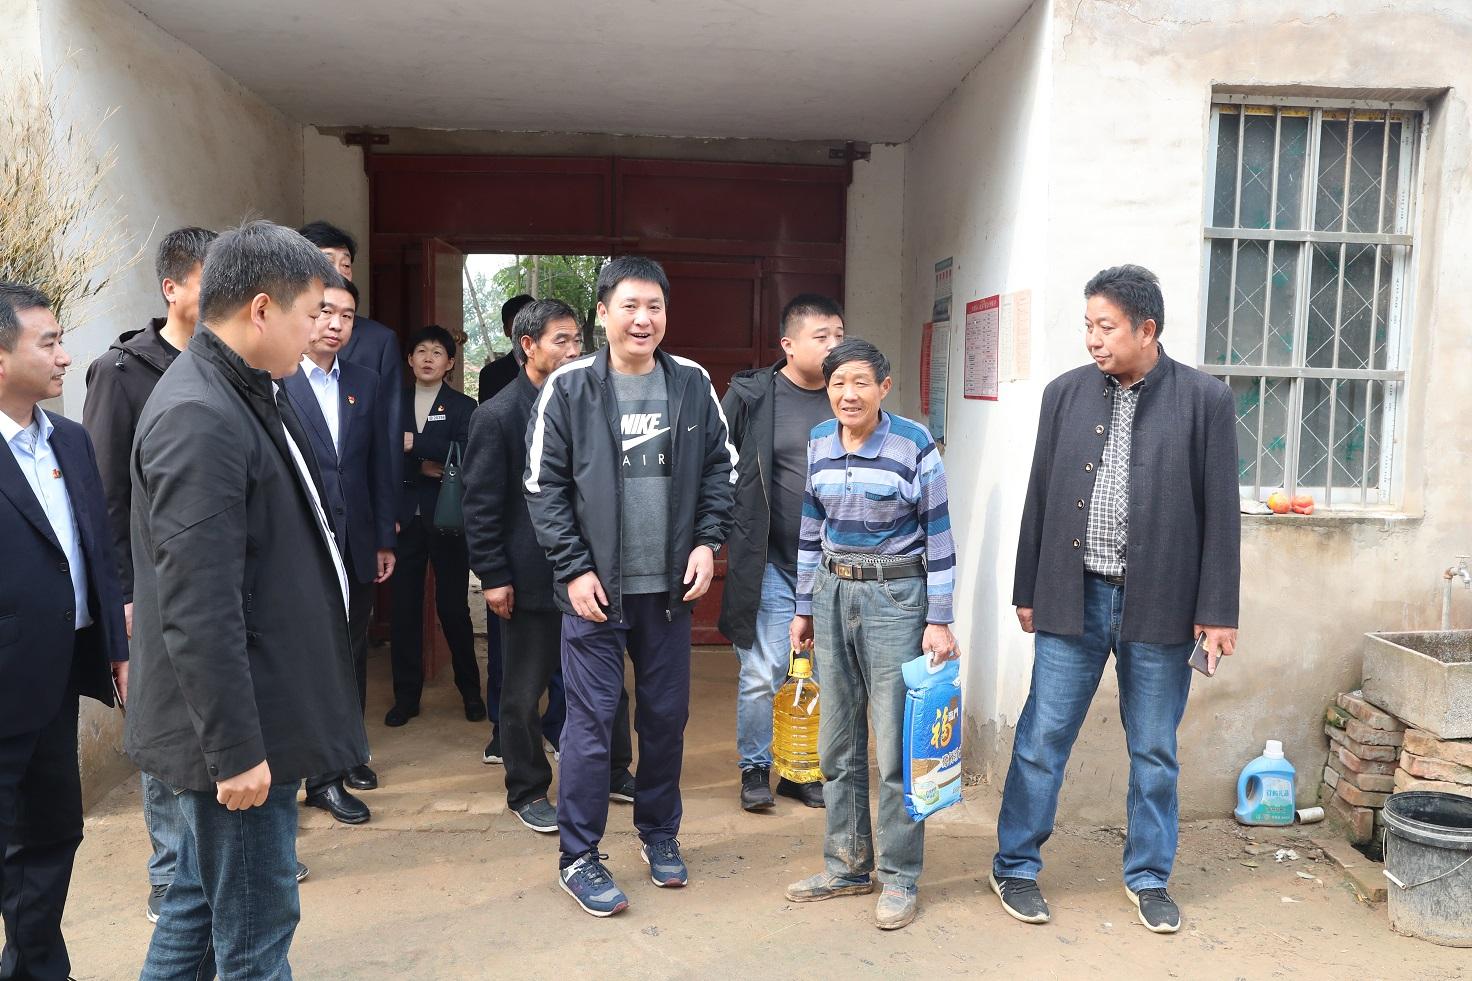 中国银行开封分行开展扶贫日送温暖活动